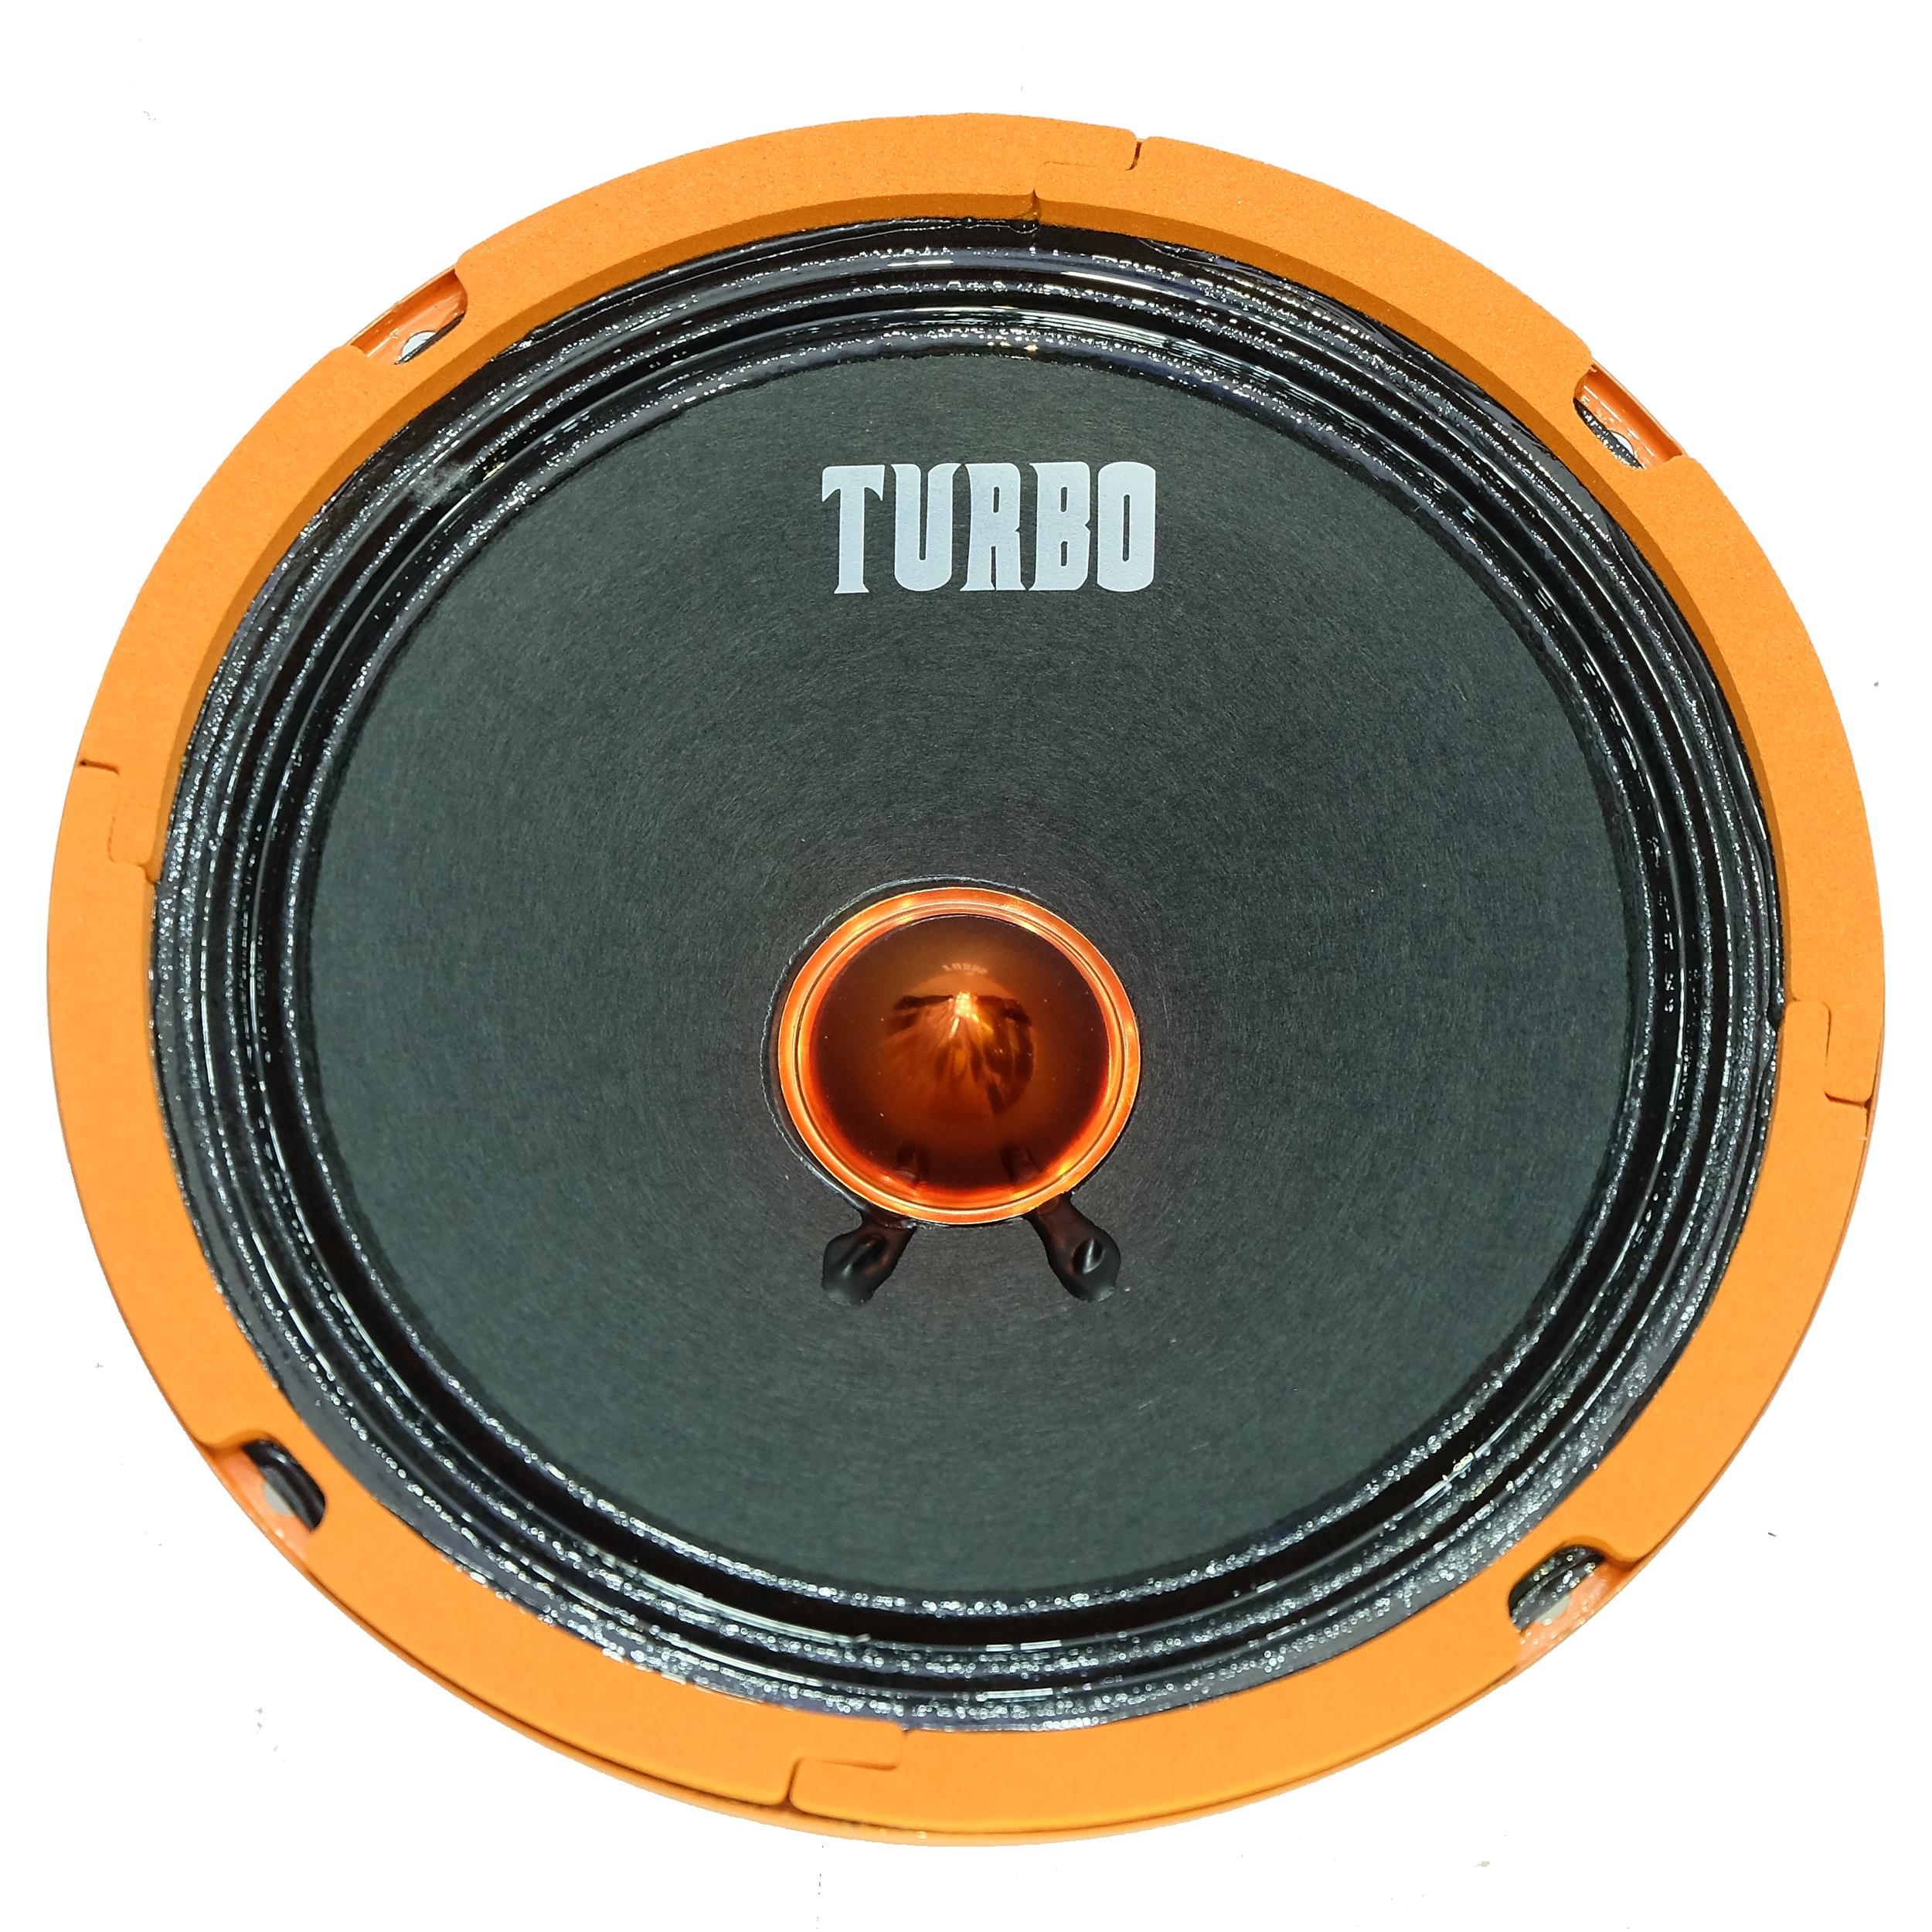 میدرنج خودرو توربو مدل TUB6-600